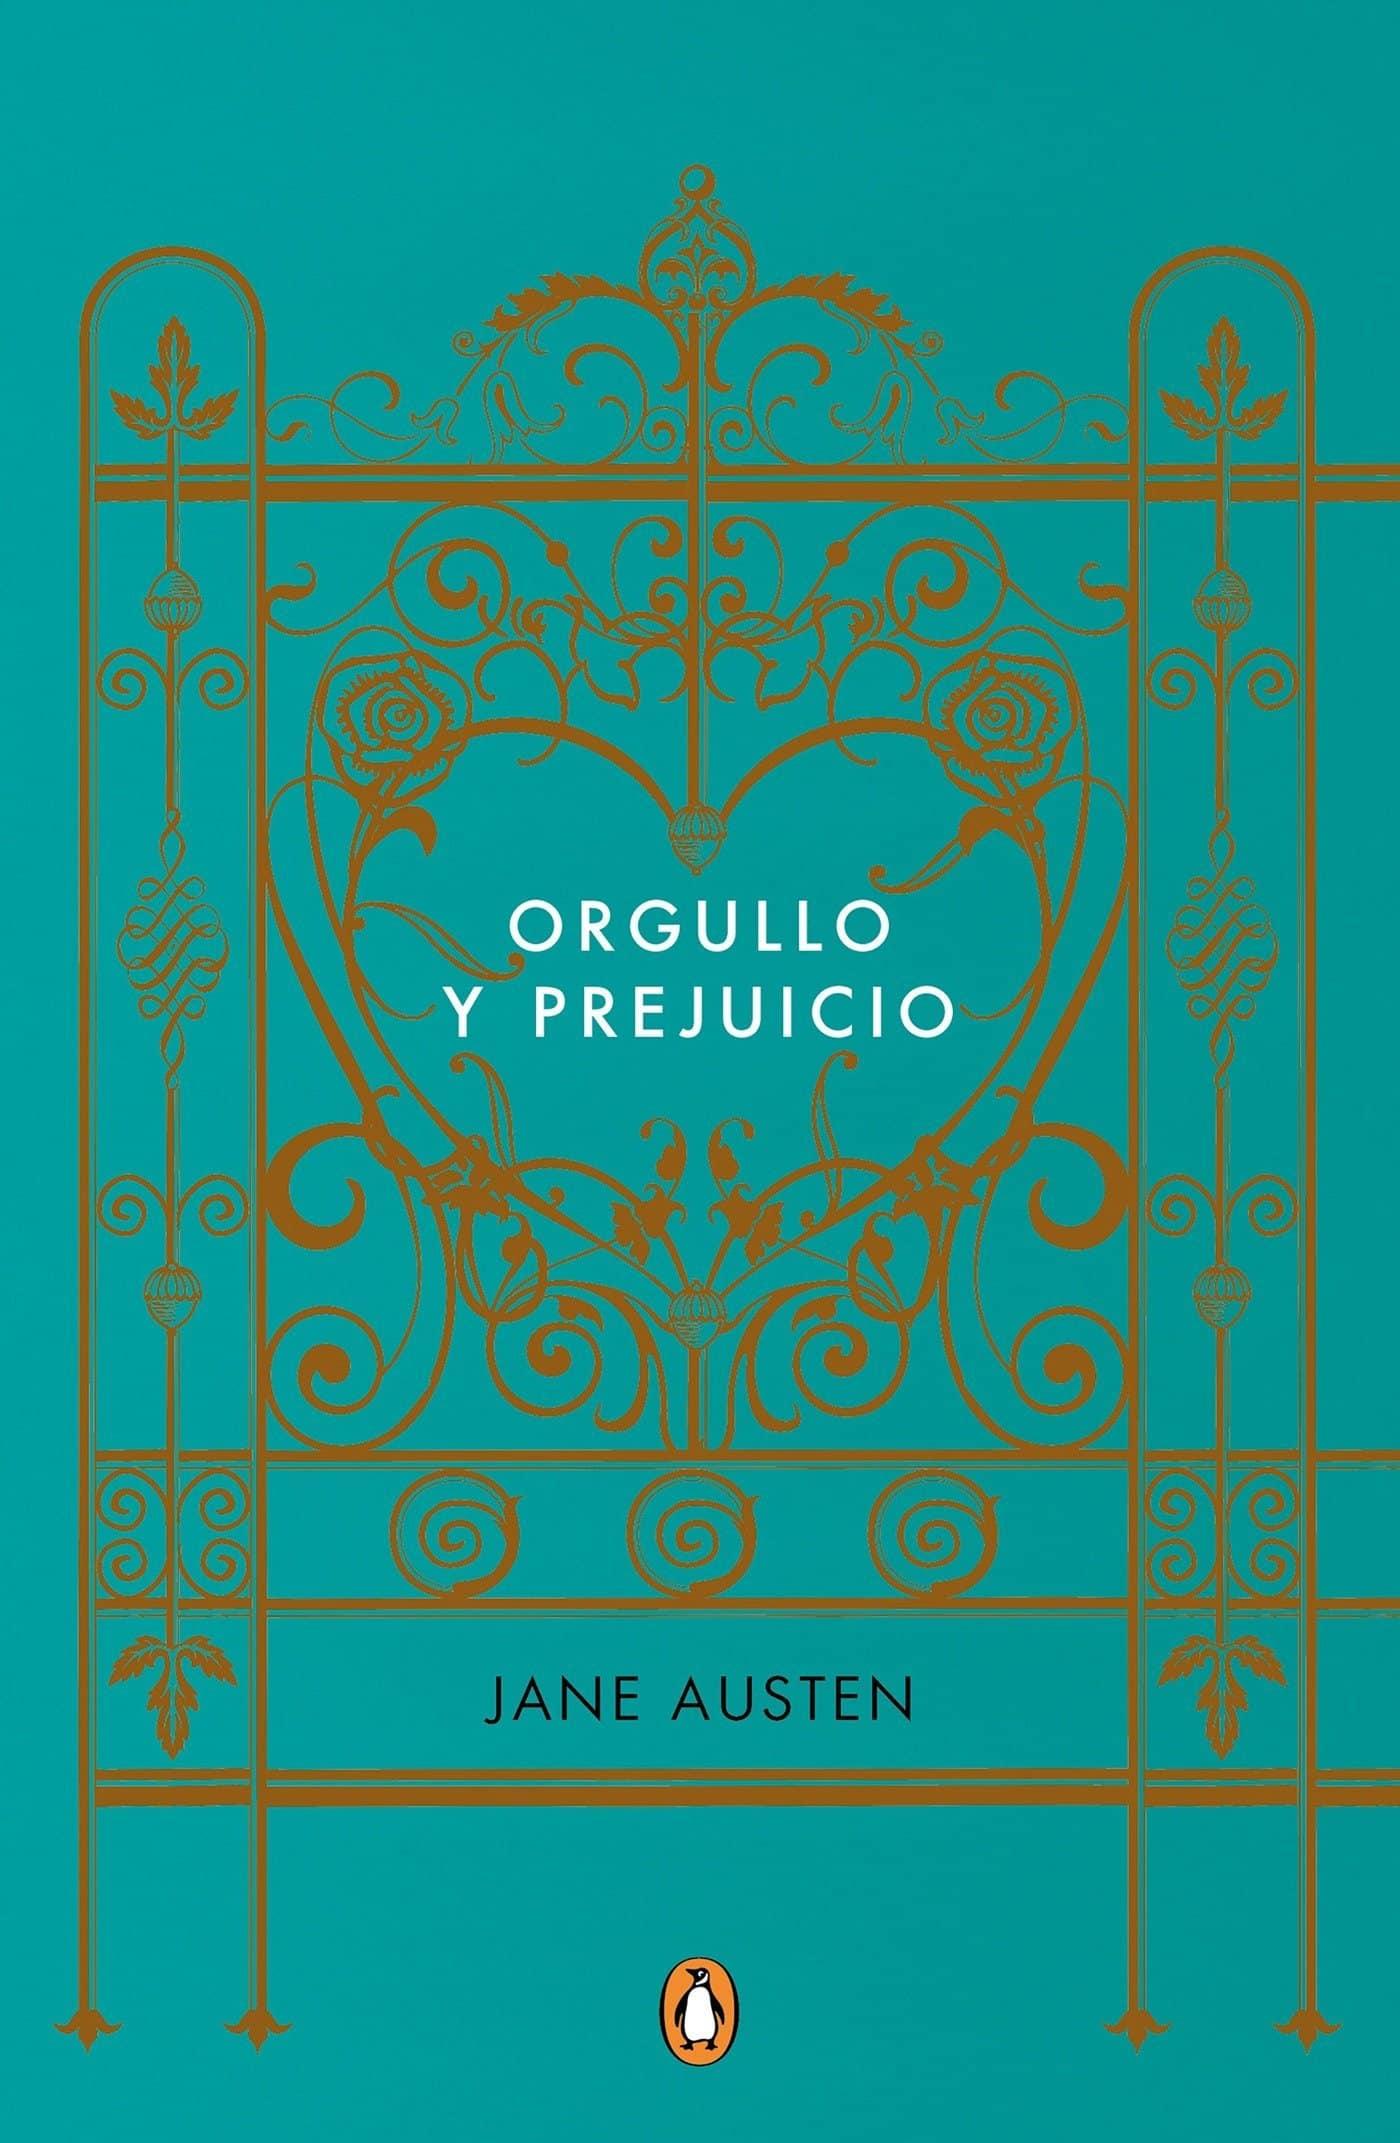 """Portada del libro """"Orgullo y prejuicio"""" de la autora Jane Austen."""